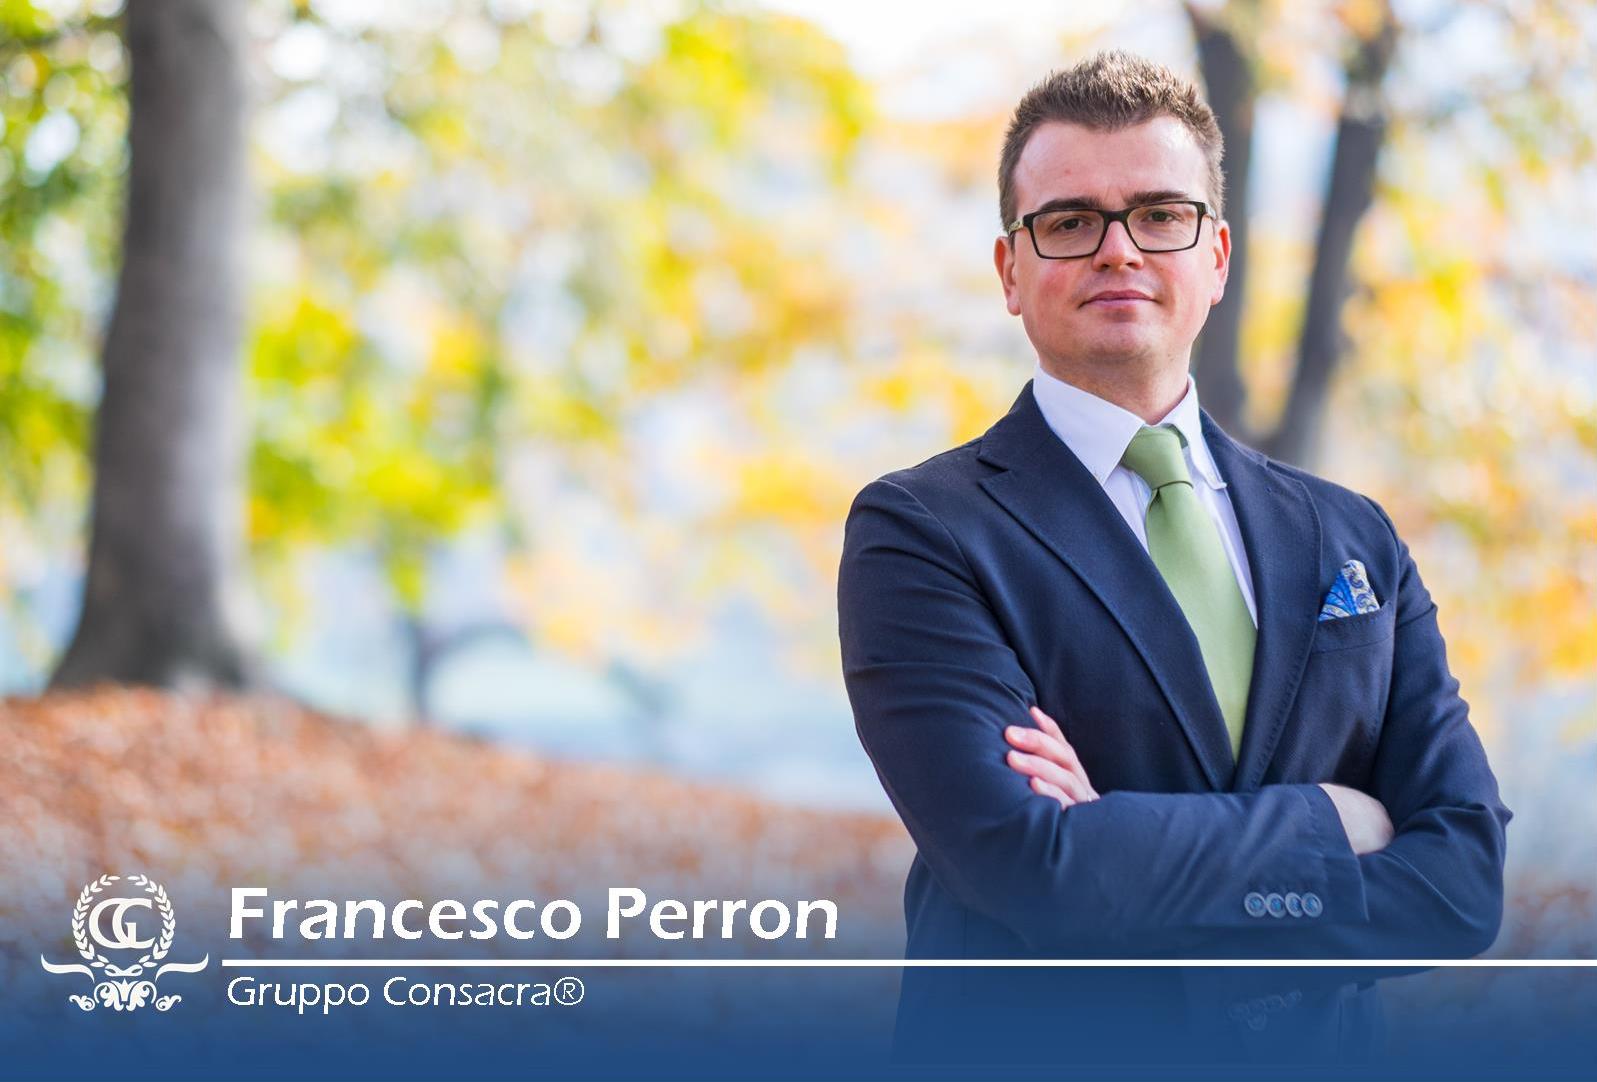 Francesco Perron - Gruppo Consacra